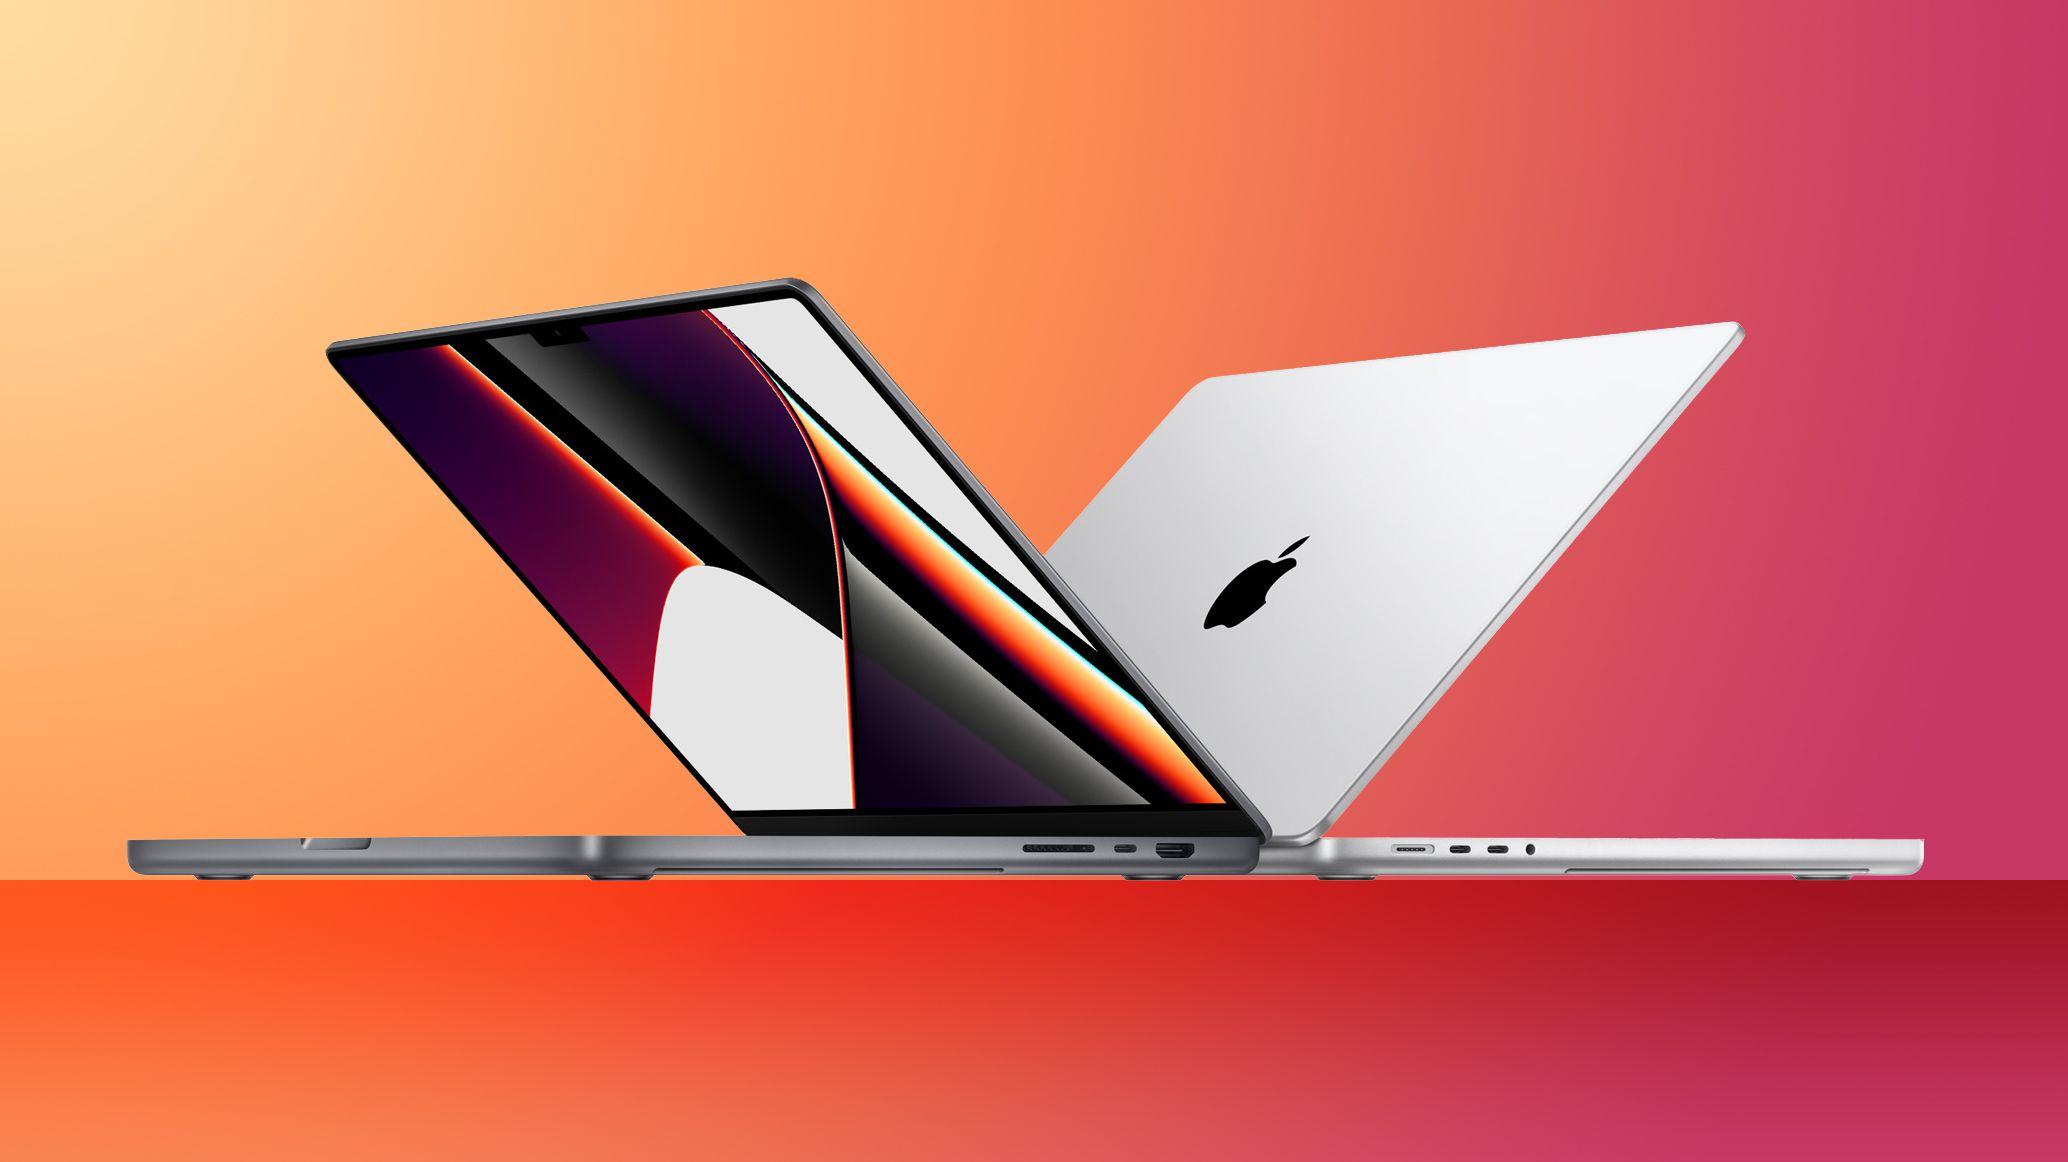 Offres: Amazon offre la toute première remise sur le MacBook Pro 14 pouces, obtenez le modèle 512 Go M1 Pro 8-Core pour 149,99 $ (50 $ de rabais) [Updated]